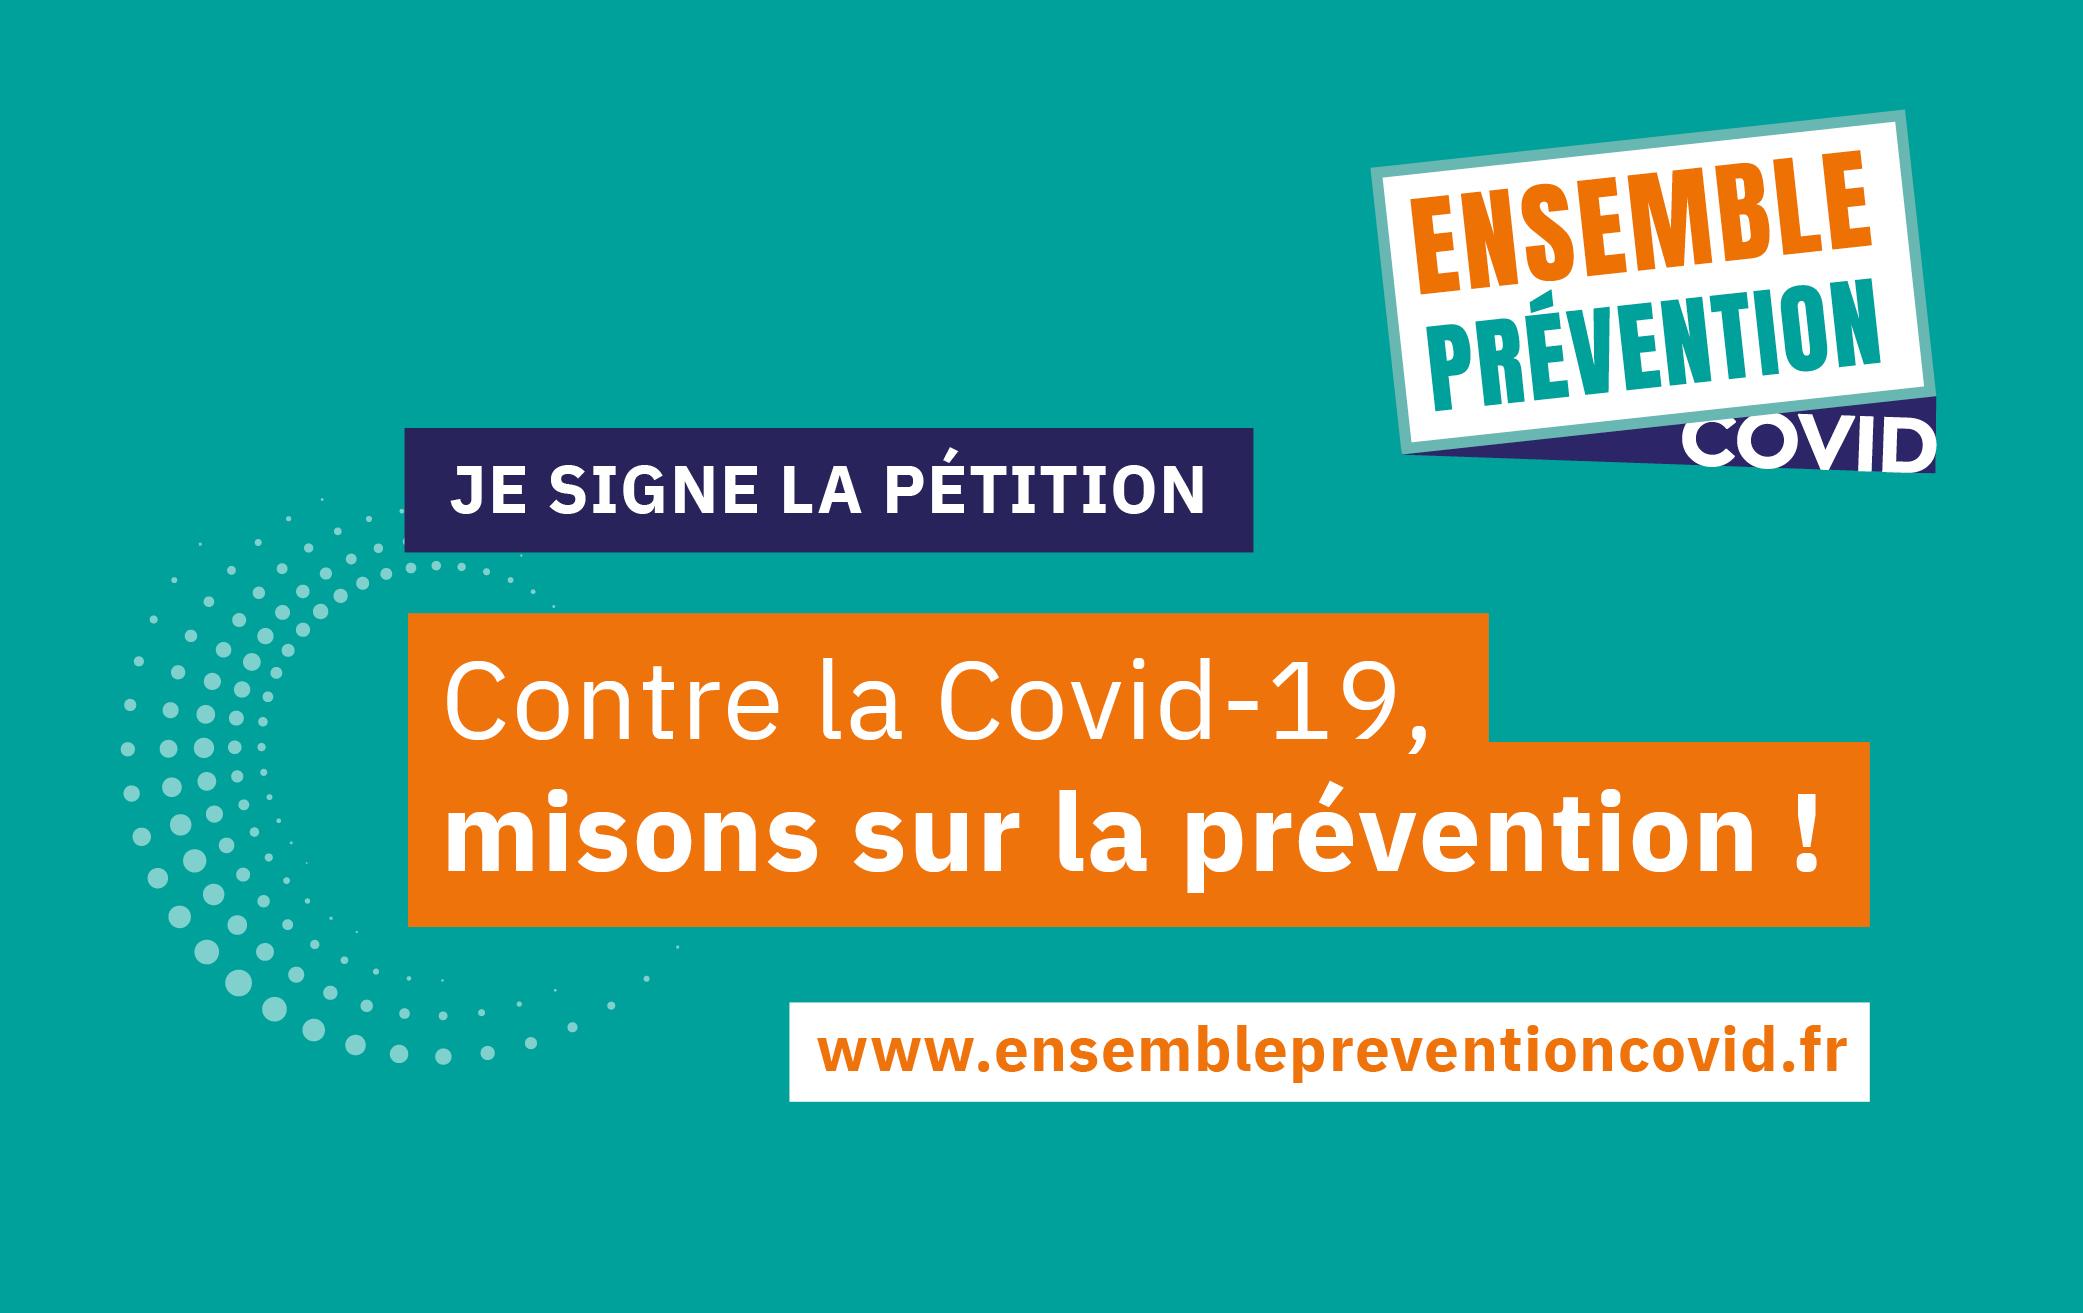 CONTRE LA COVID 19, MISONS SUR LA PREVENTION !